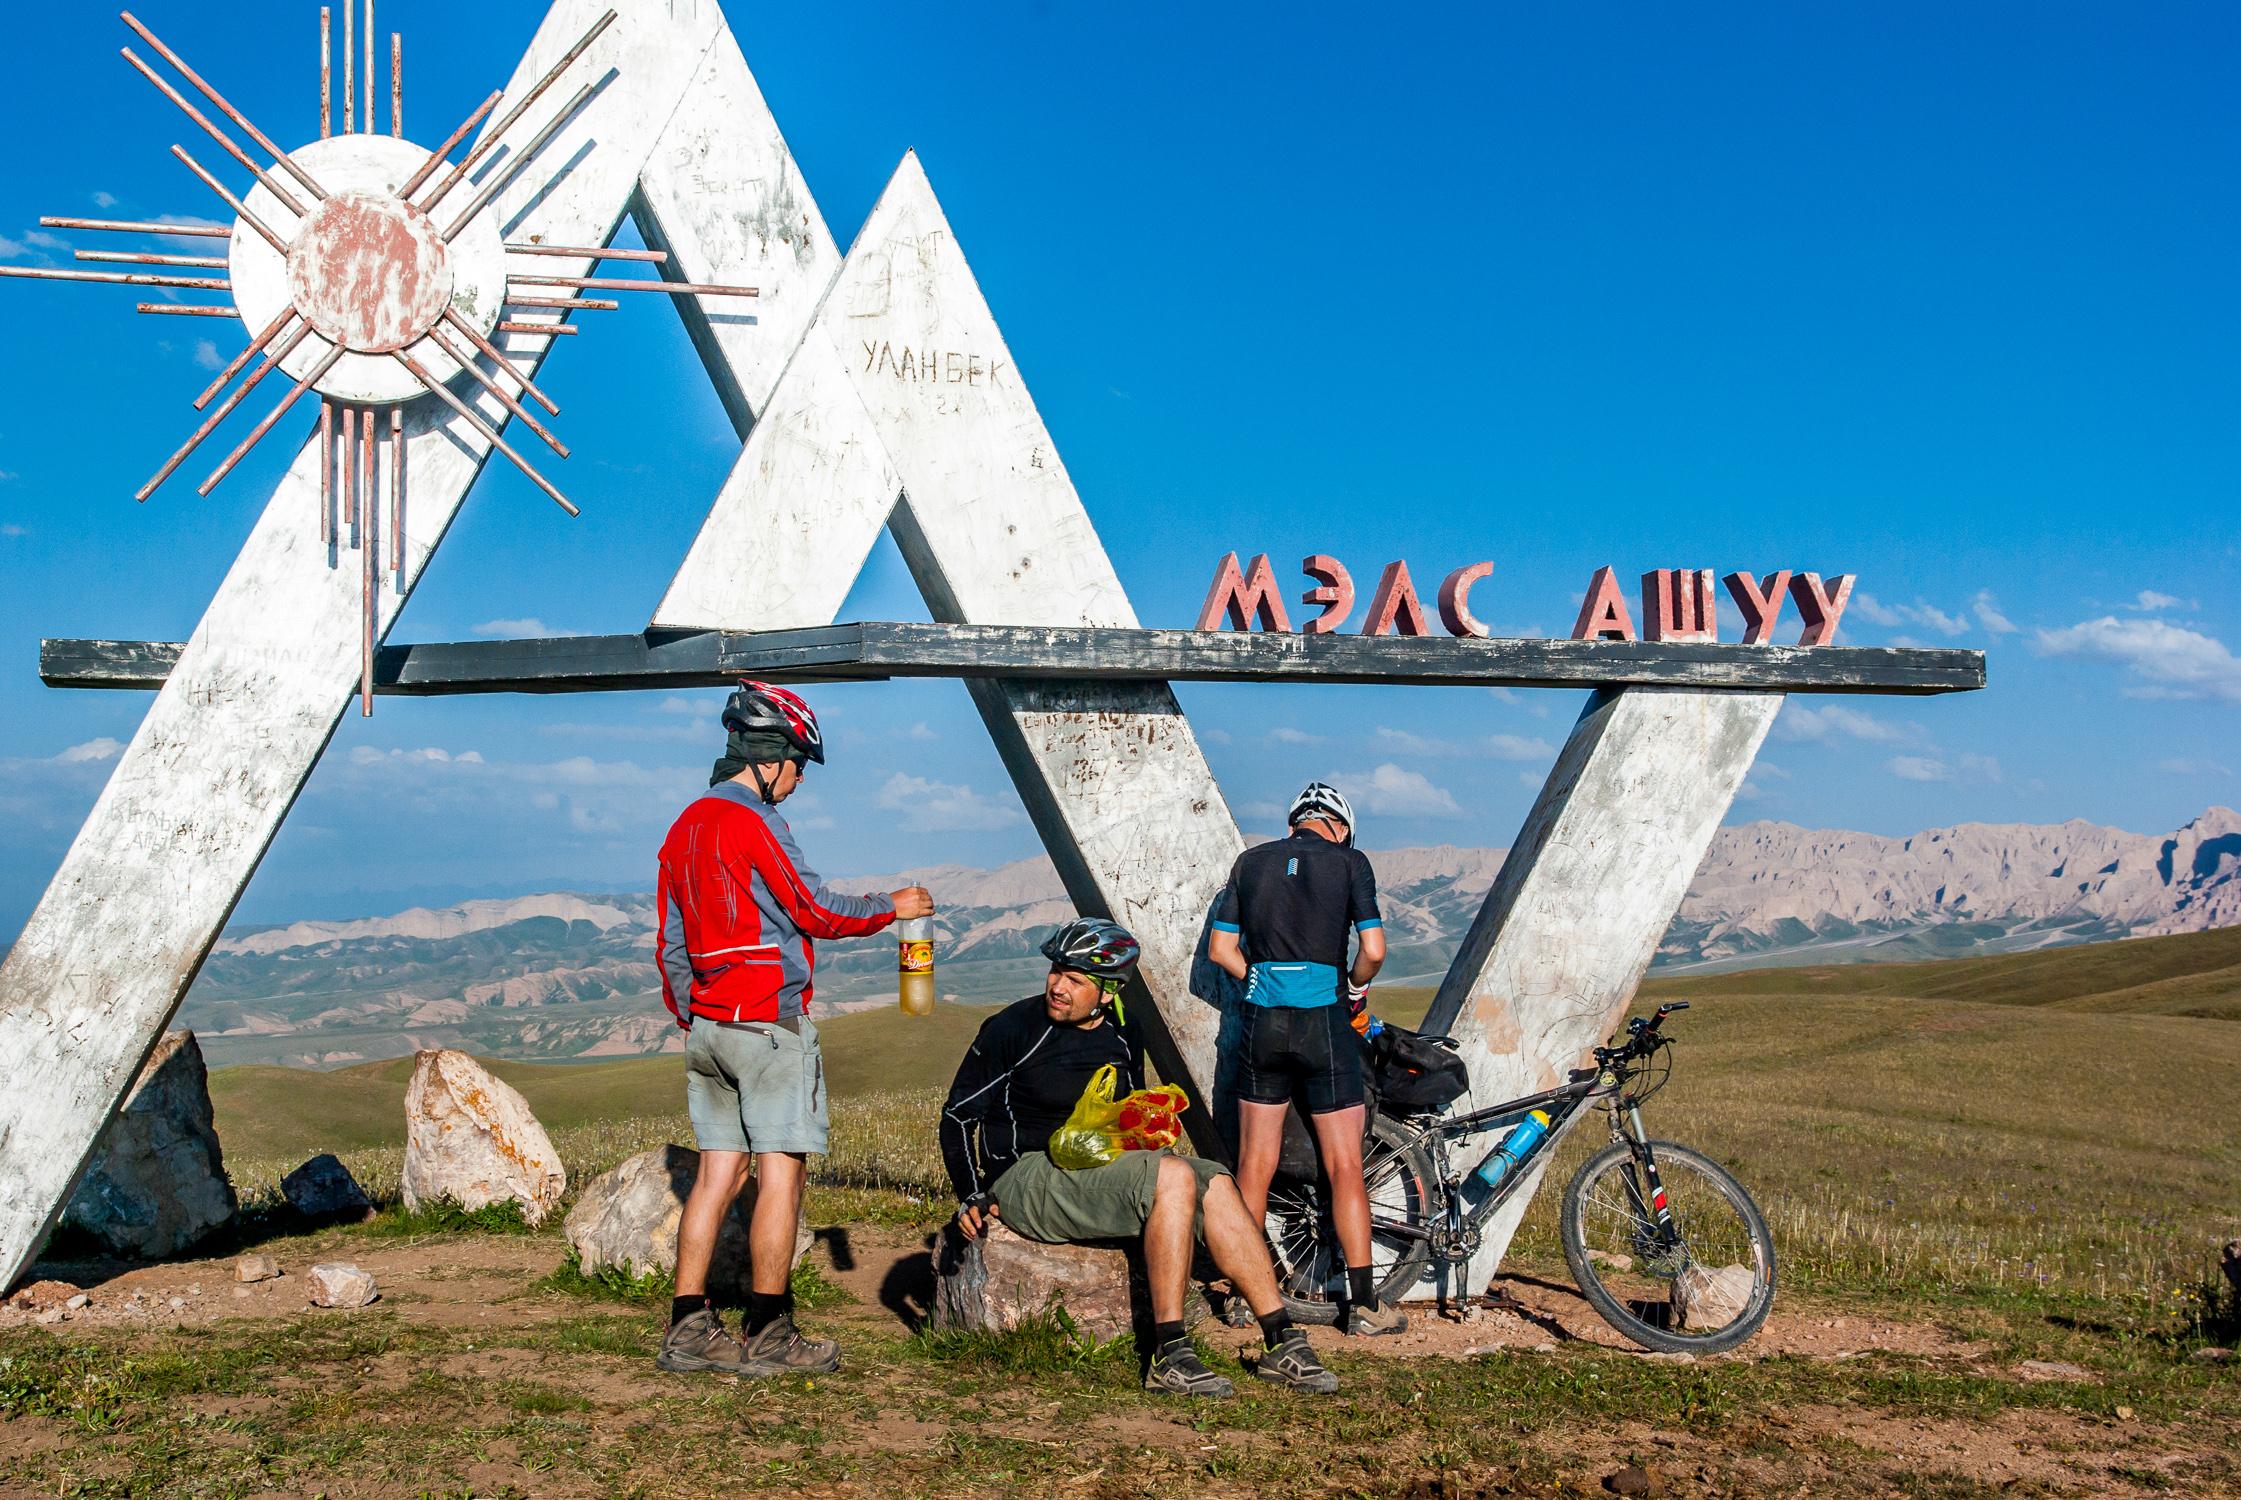 Перевал Мэлс-Ашуу